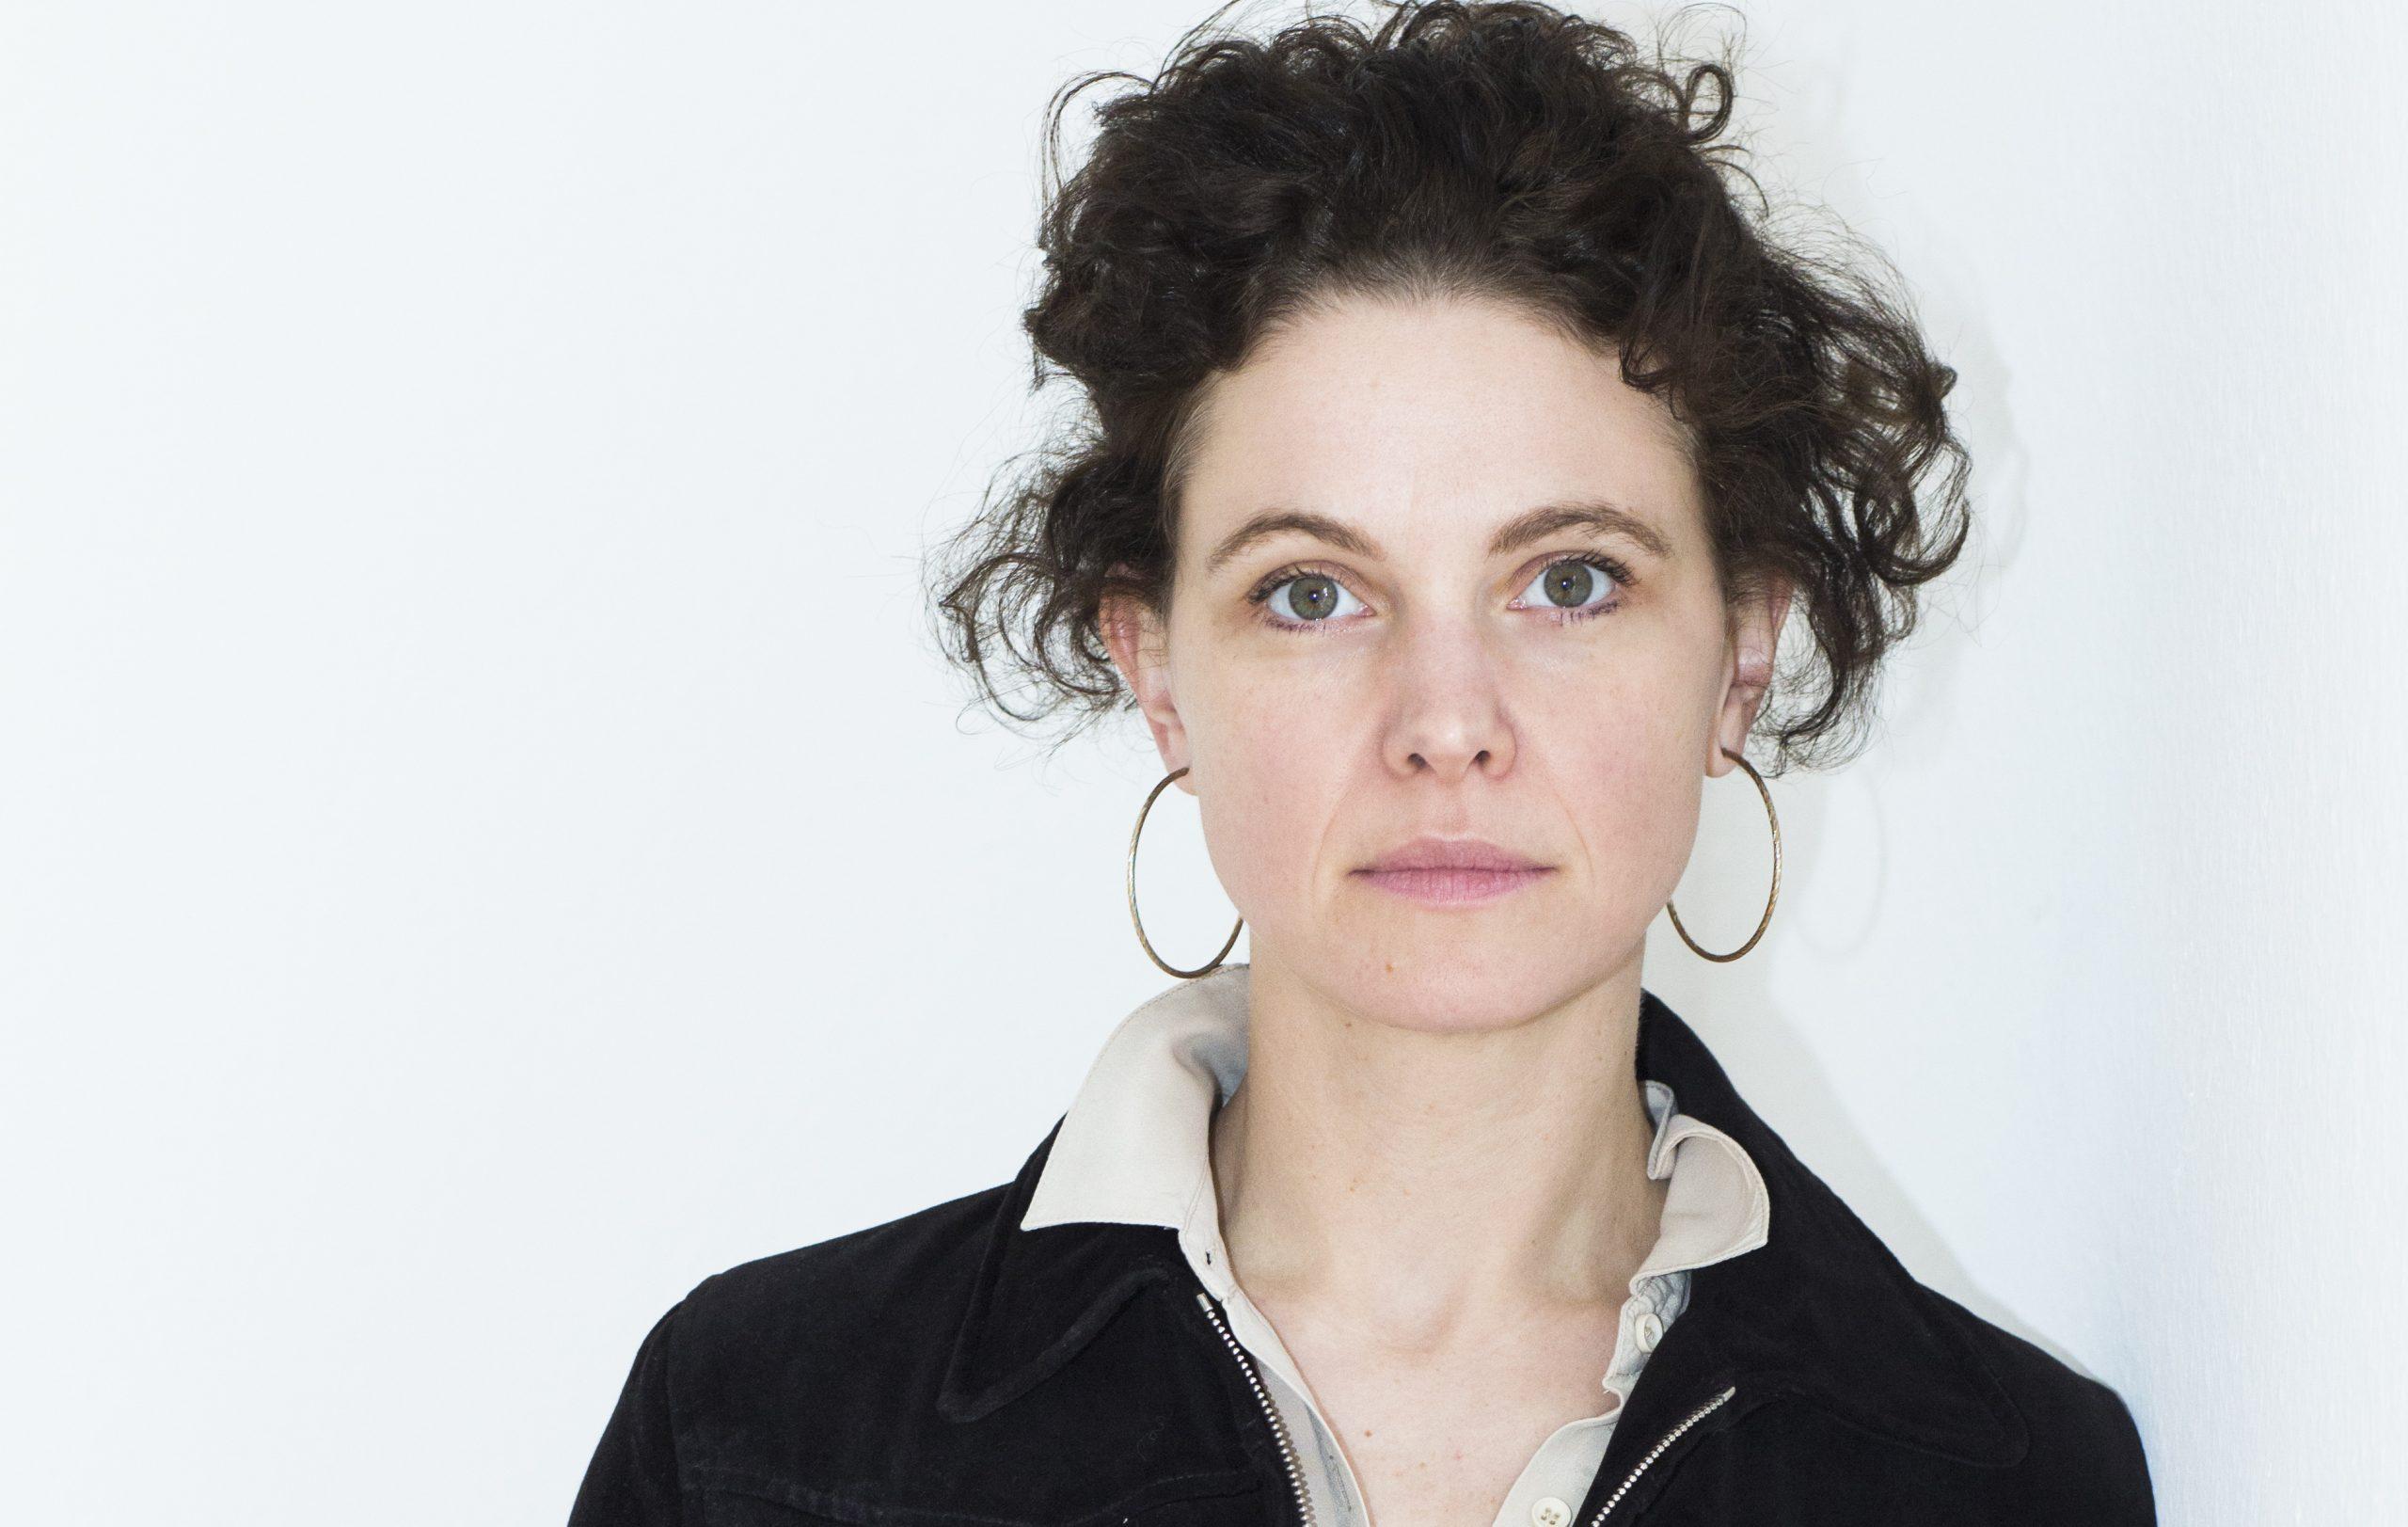 Auf dem Foto ist die Autorin Caroline Rosales zu sehen, sie trägt ein weißes Hemd und ein schwarzes Jackett.